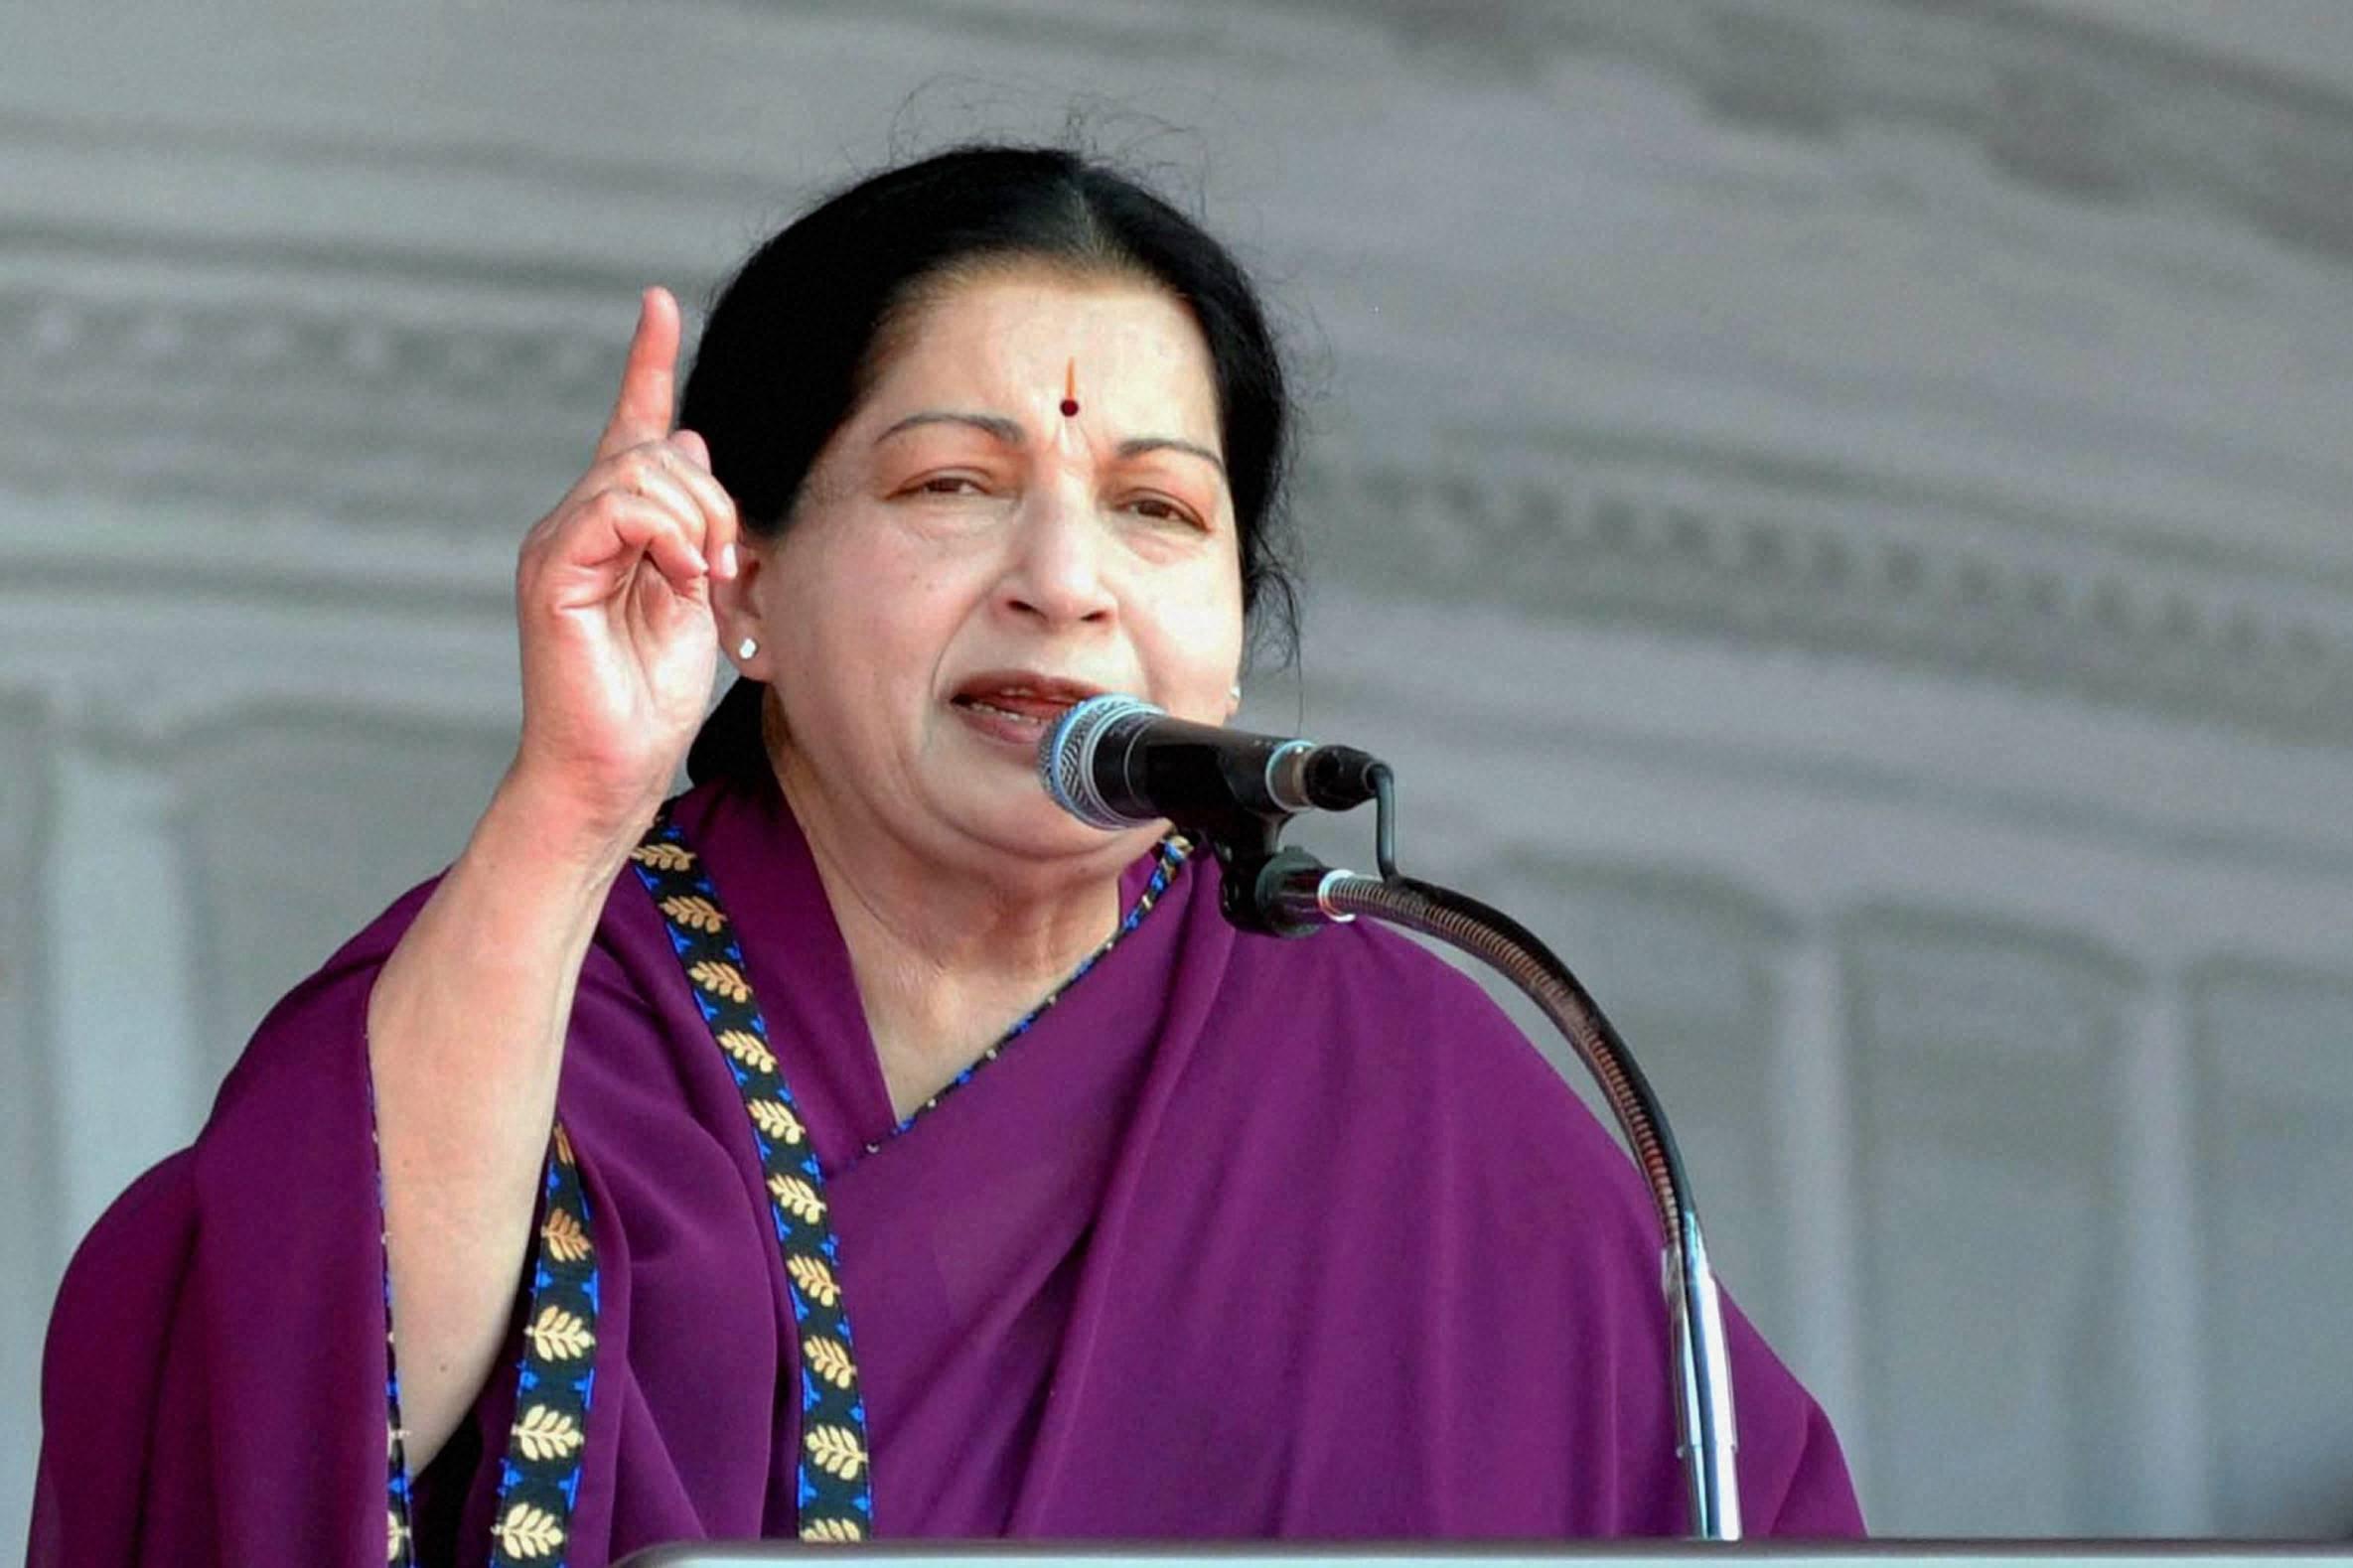 Jayalalithaa, critical, heart surgery, cardiac arrest, apollo hospital, alert, security forces, chennai, tamil nadu, chief minister